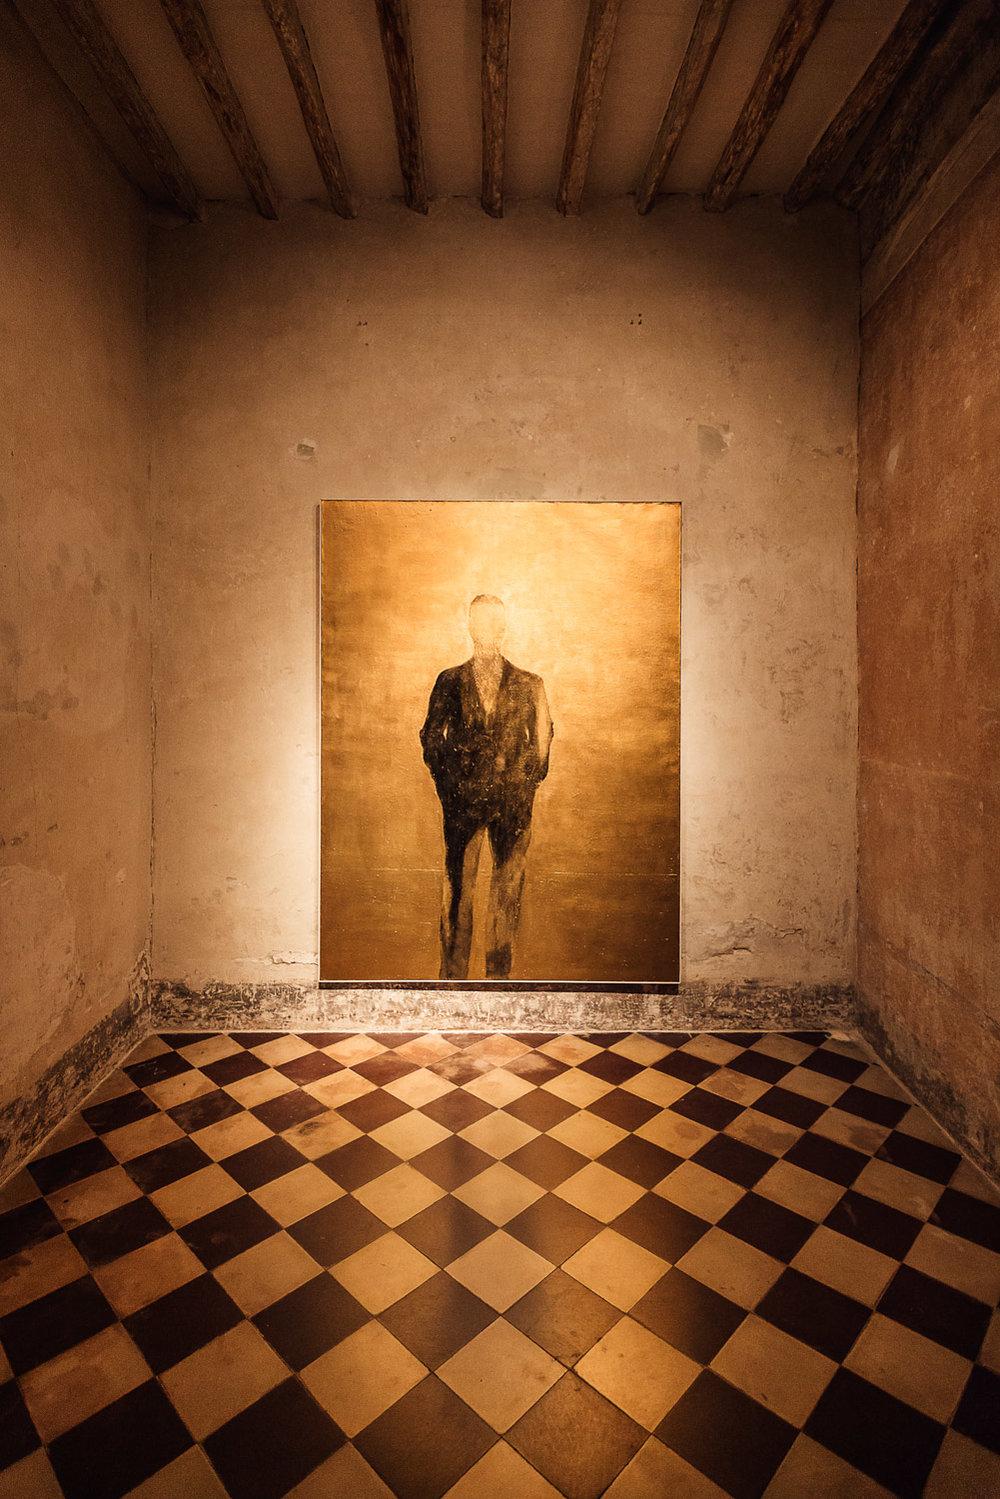 Michelangelo Pistoletto    Prima dello Specchio   Galleria Continua  San Gimignano, 2015